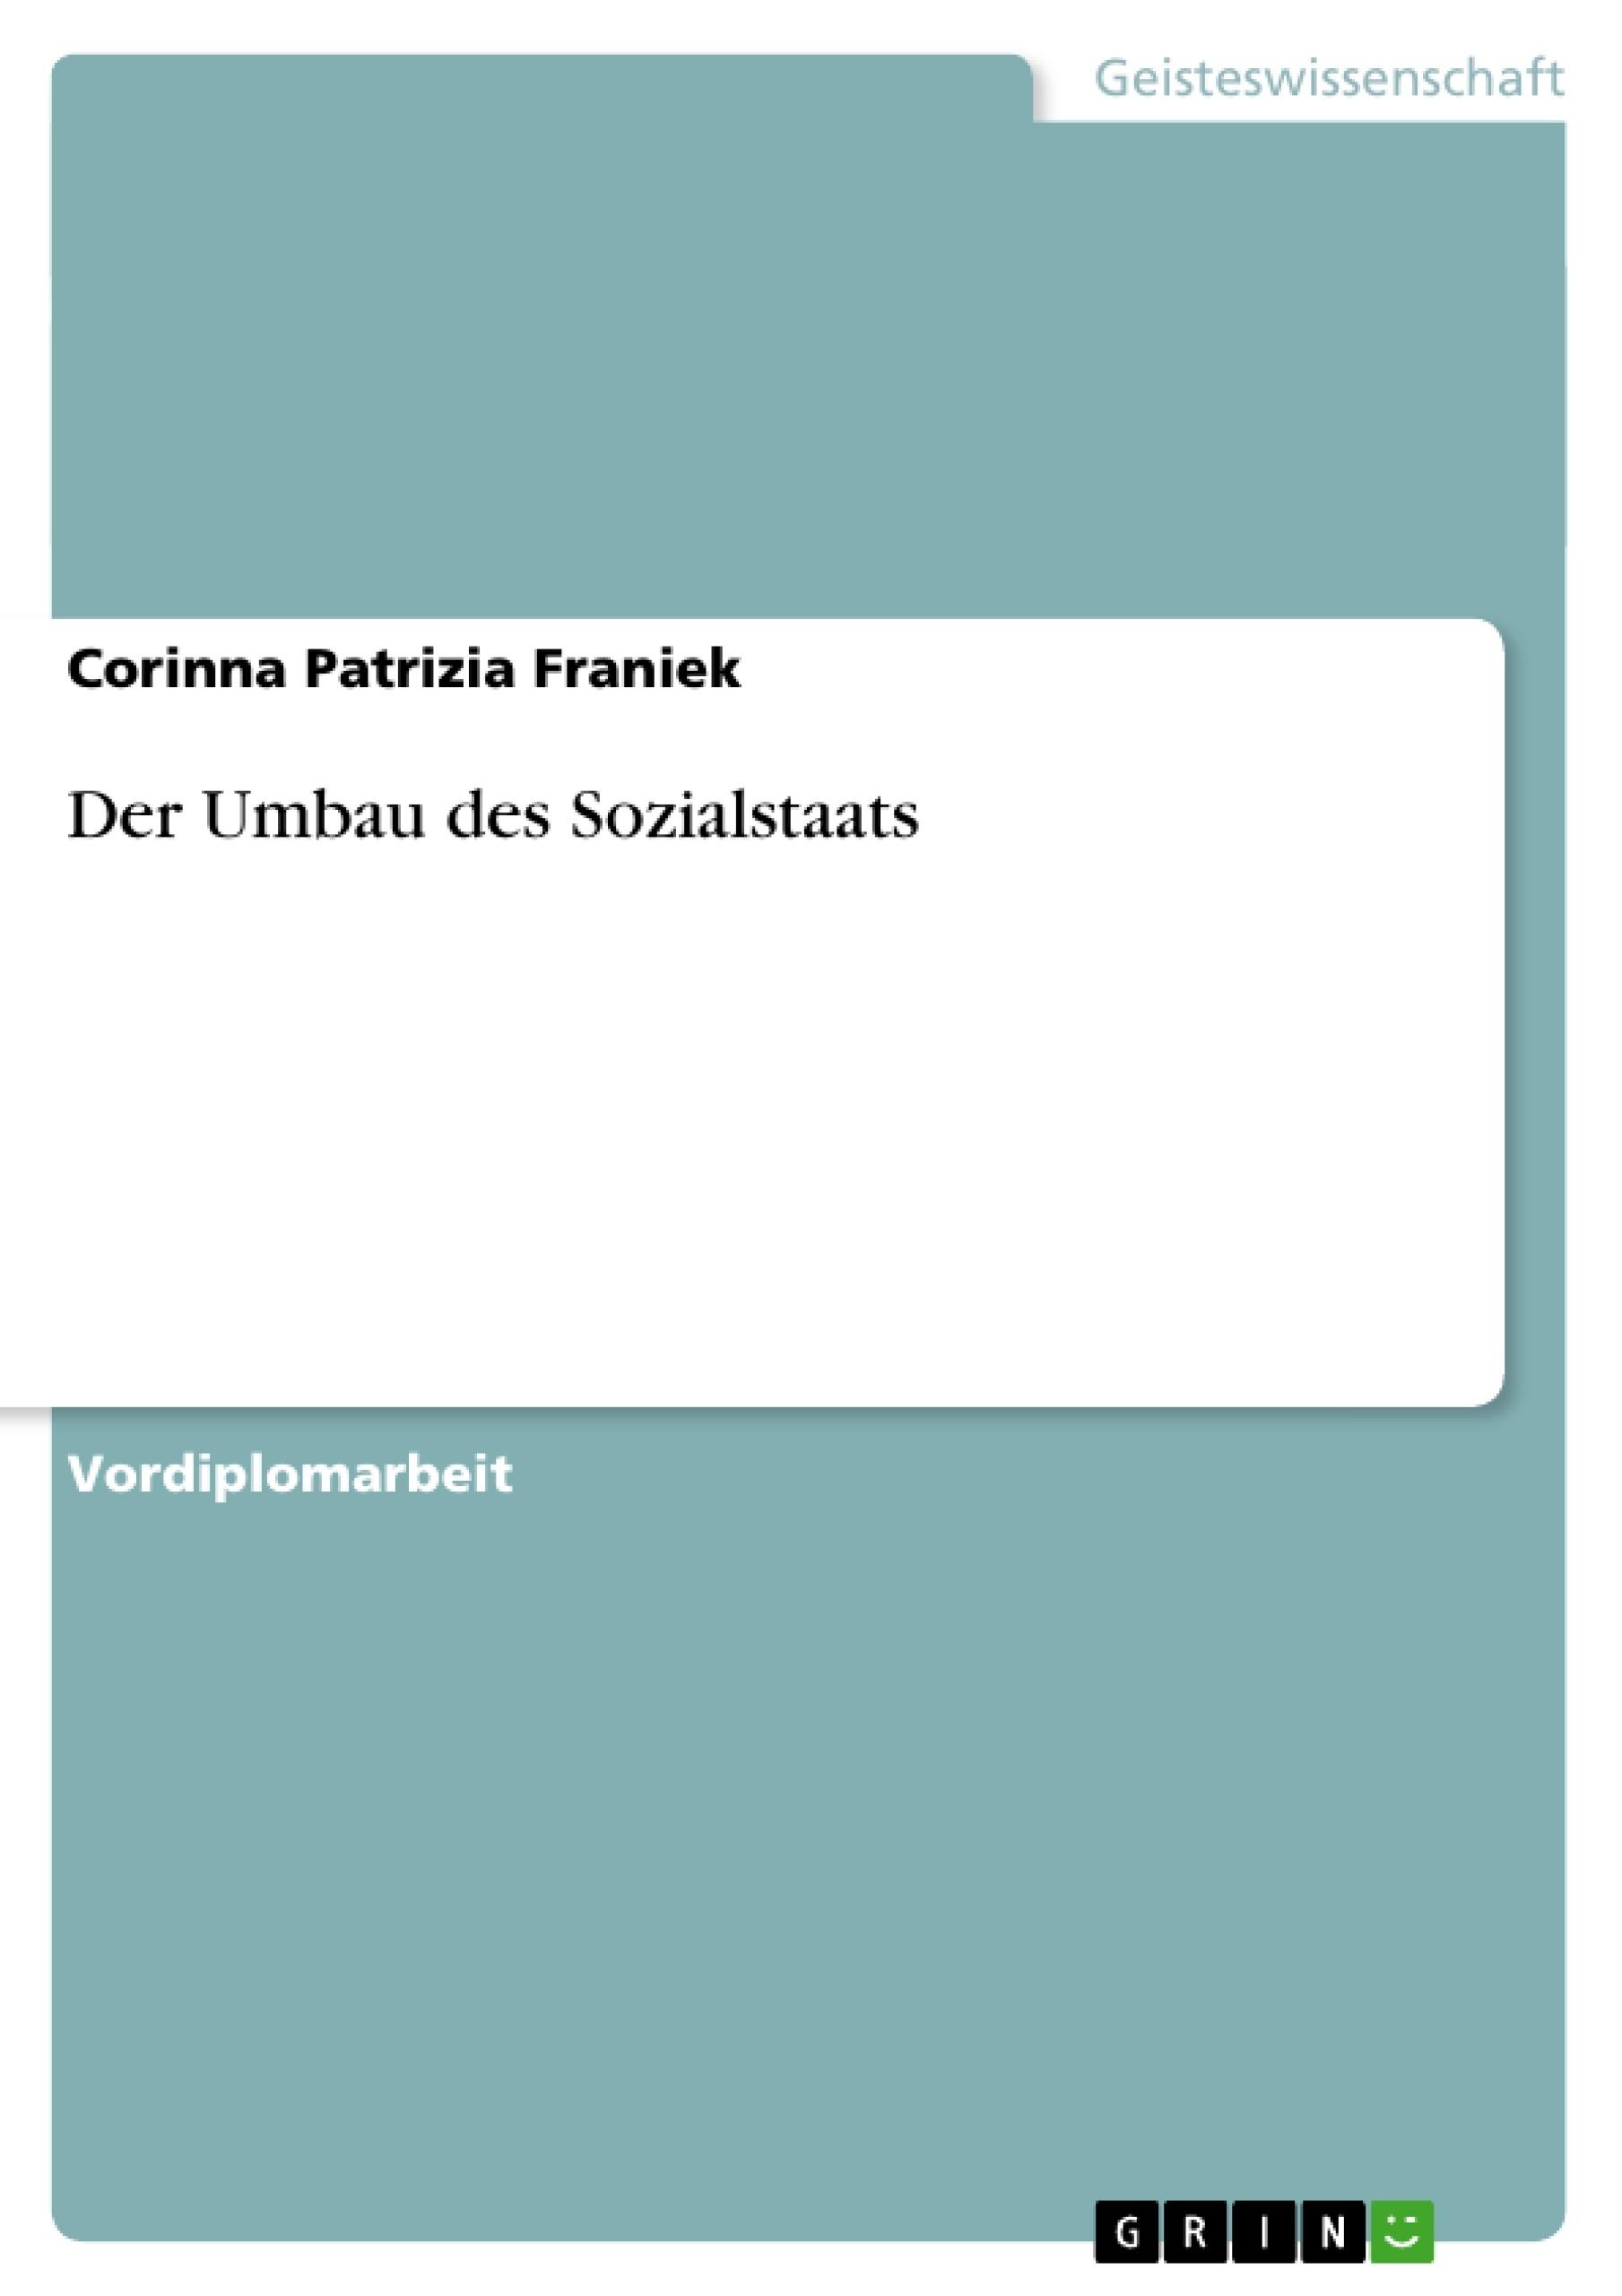 Titel: Der Umbau des Sozialstaats